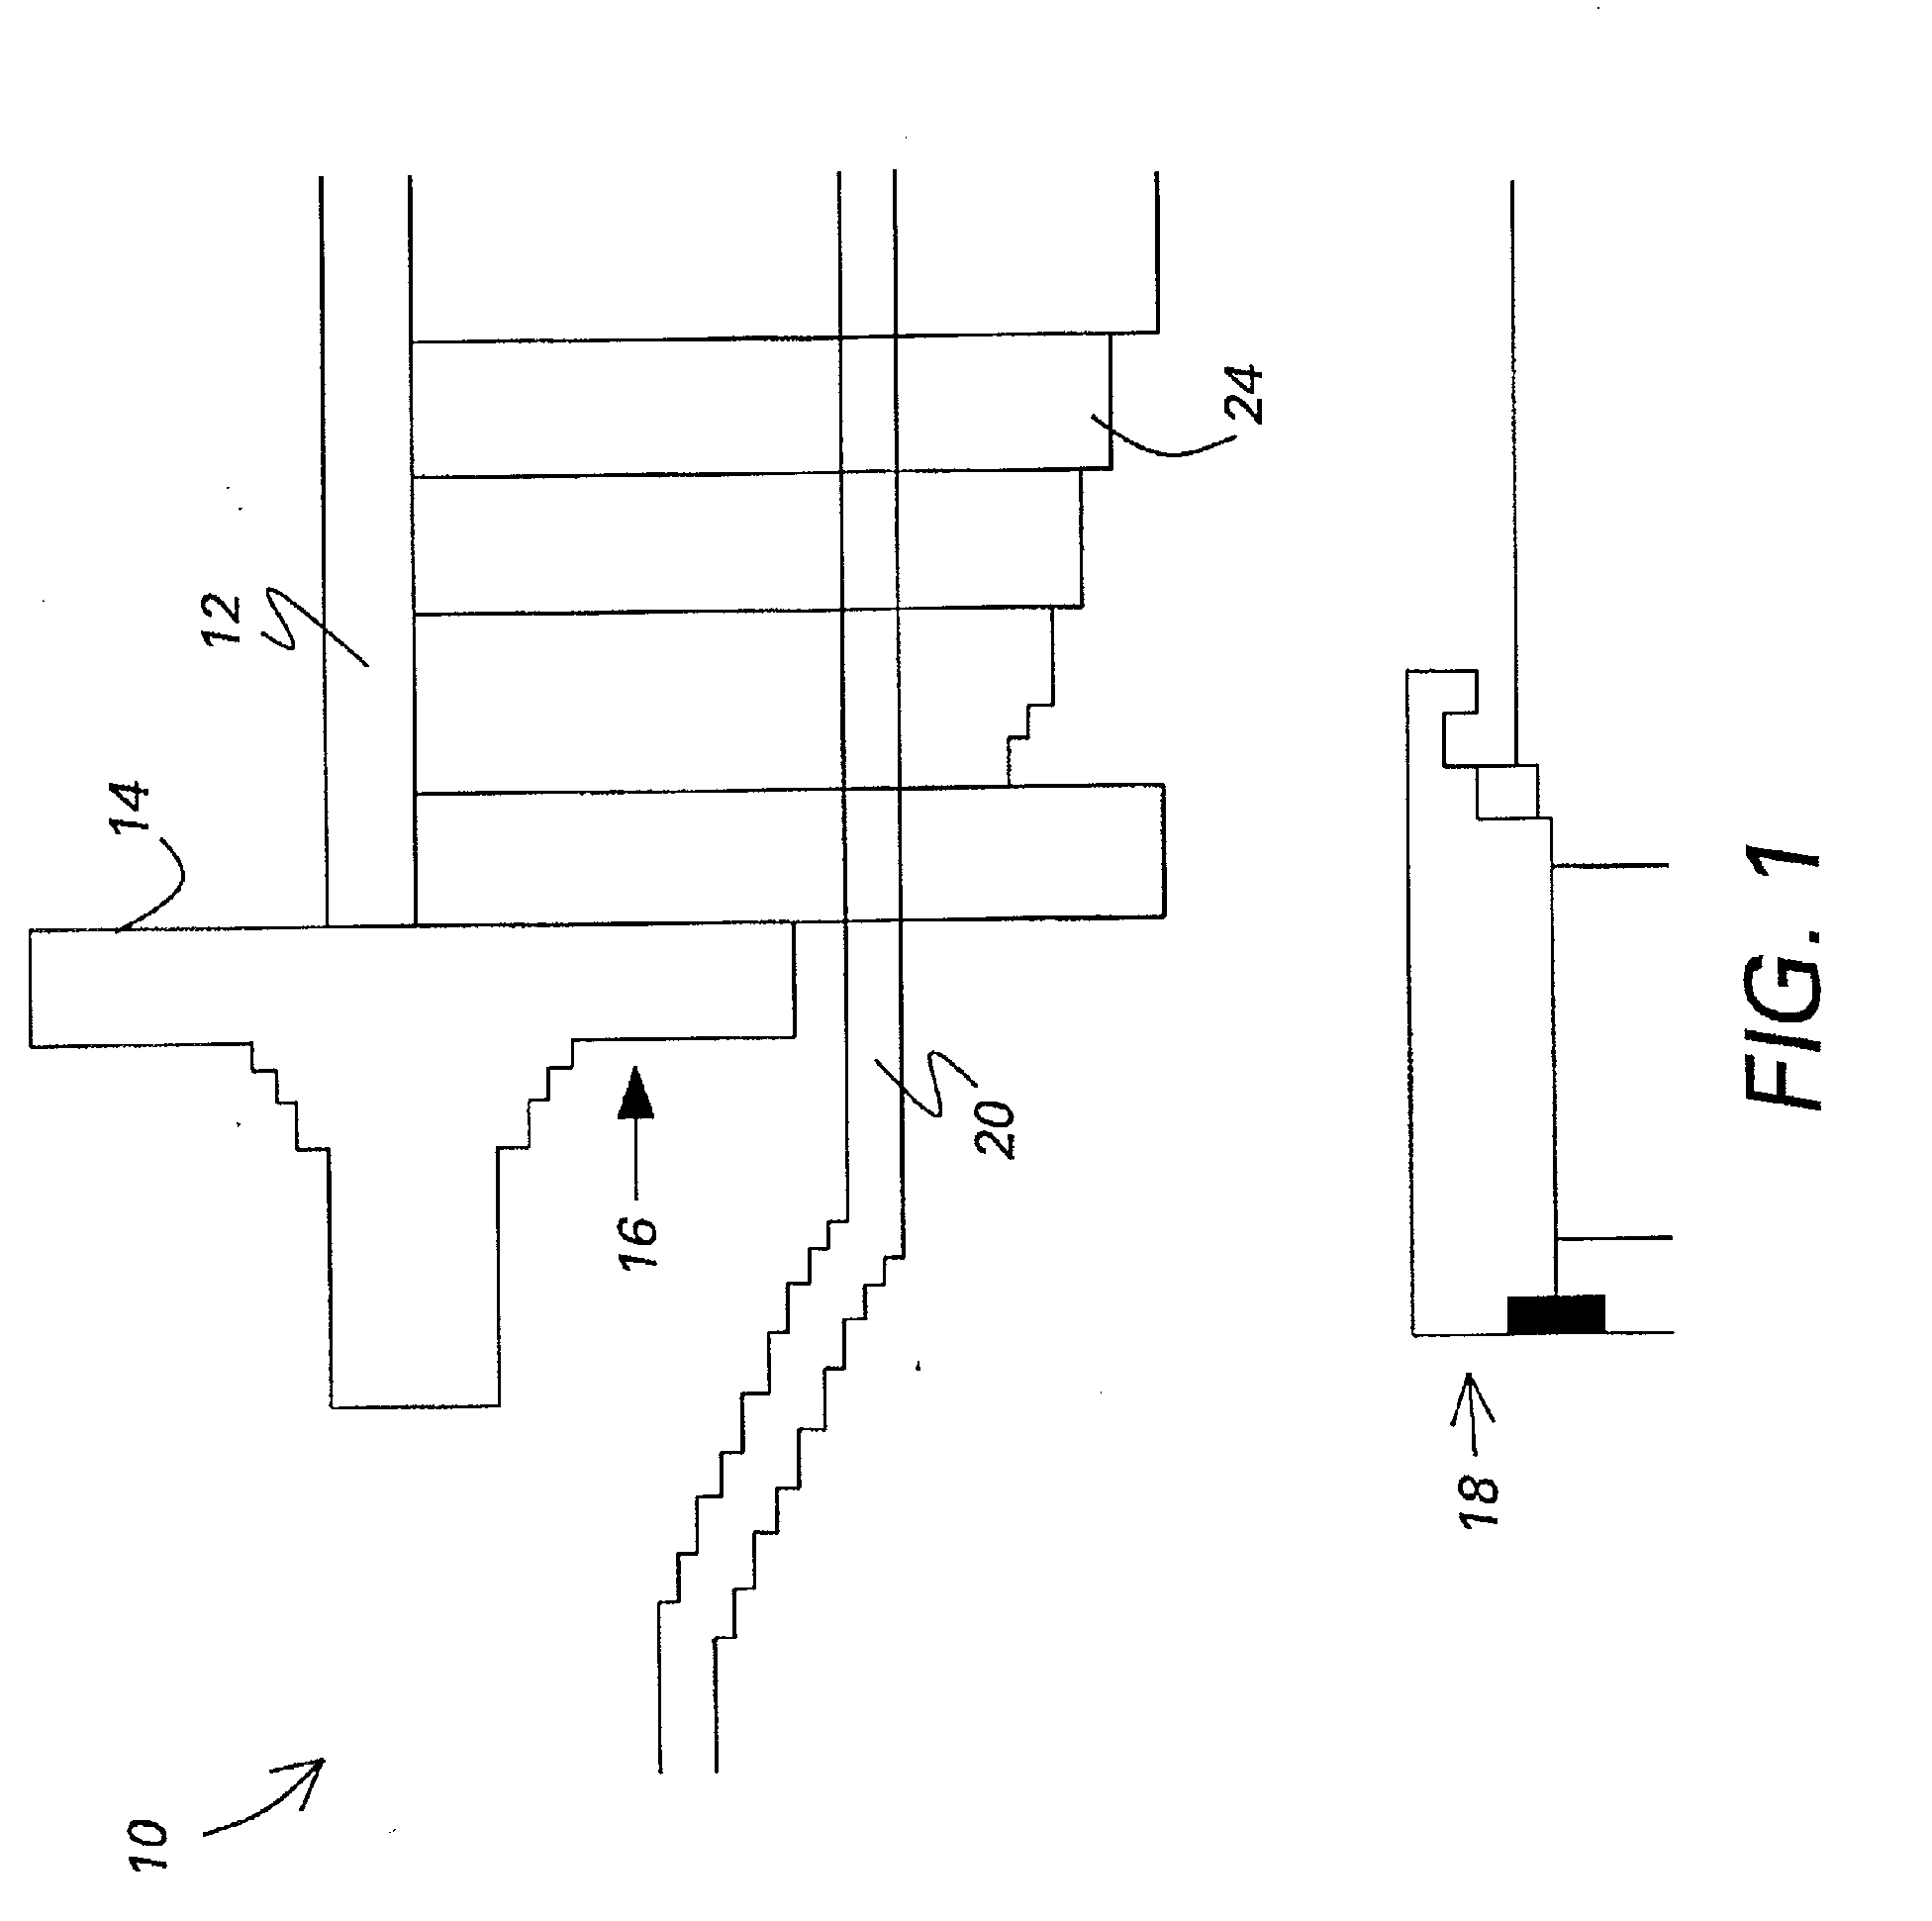 专利ep1255342a2 - method